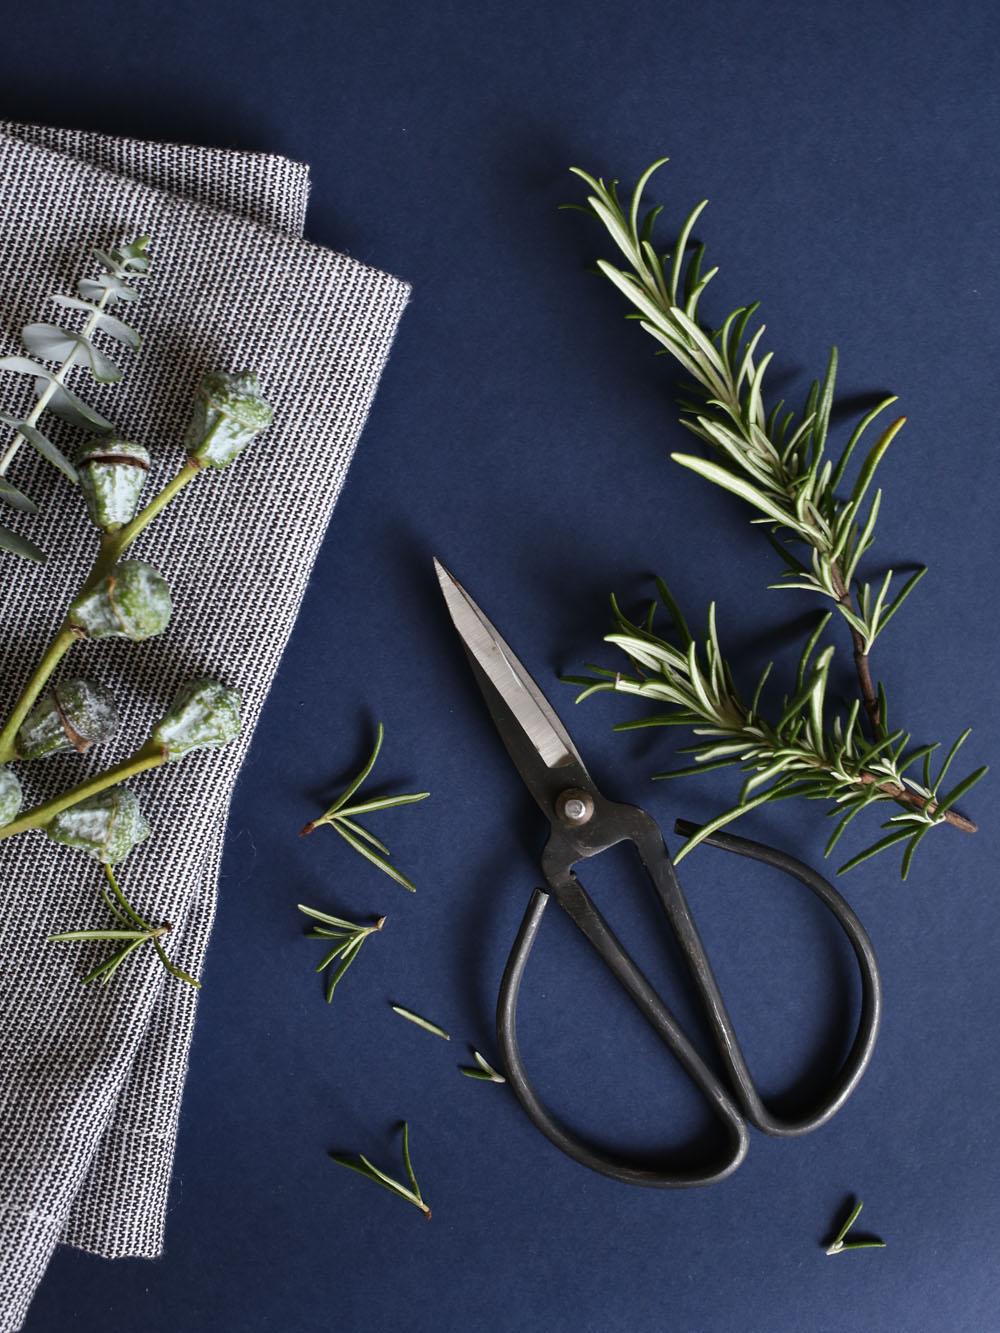 Rosemary and Eucalyptus